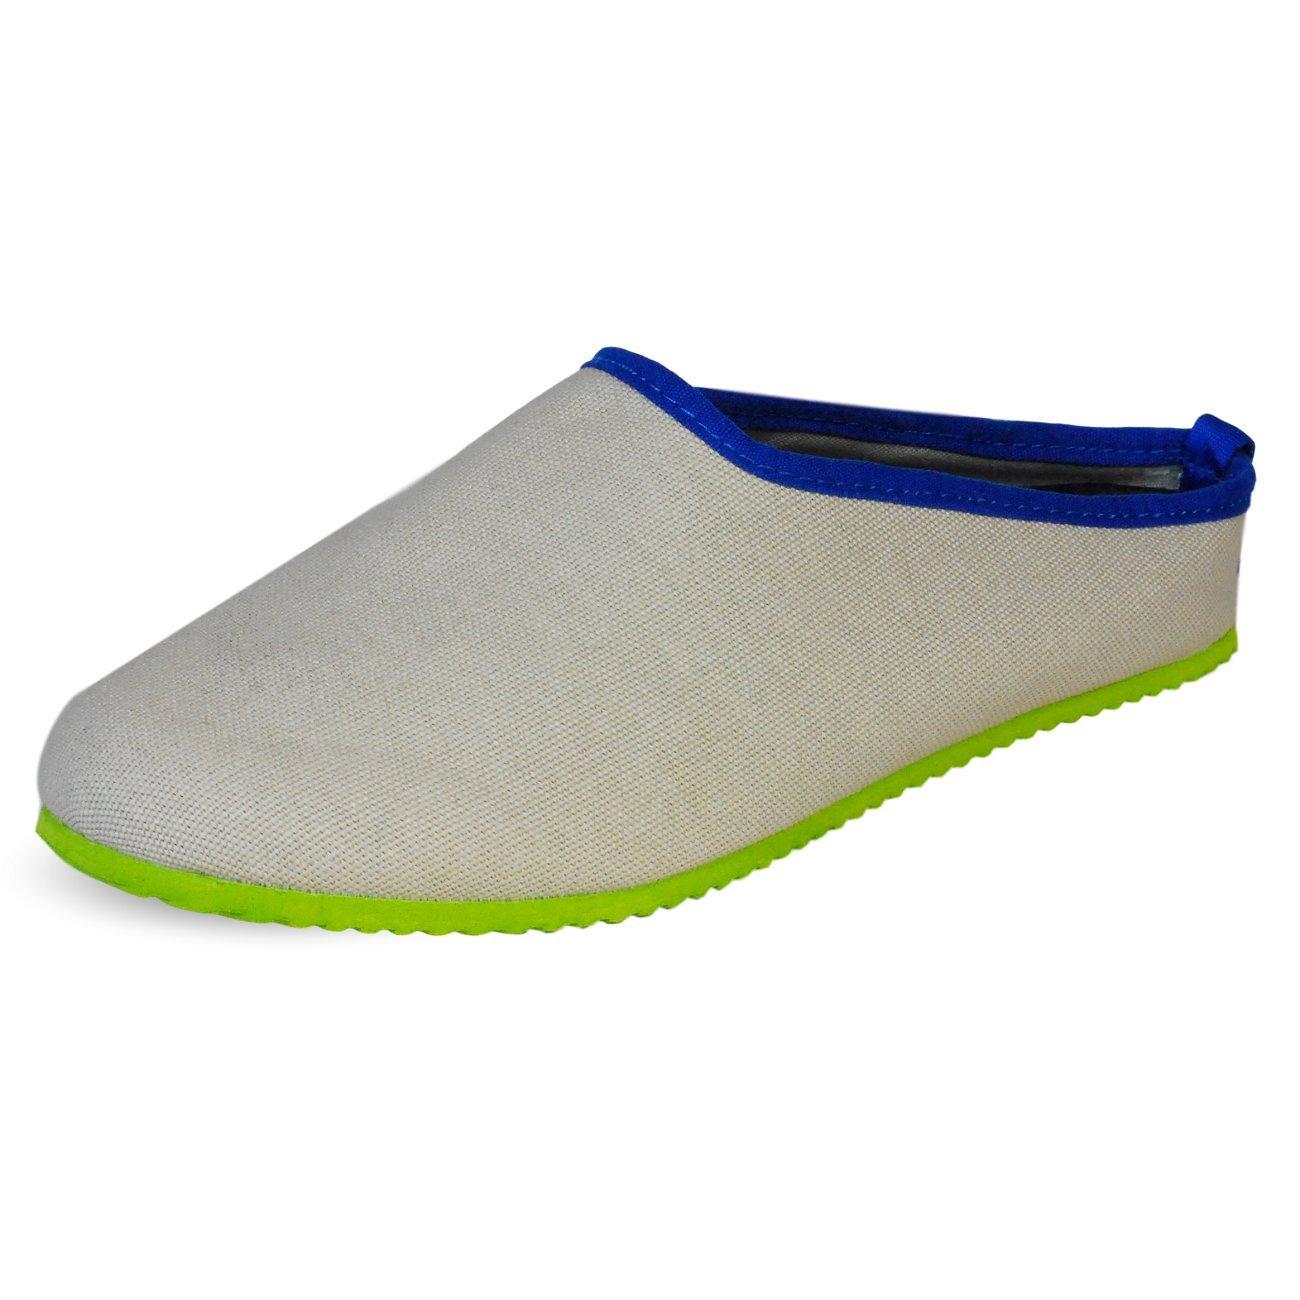 PantOUF Biarritz Pantofole di Cotone - per Donne/Uomini (taglia piccola)